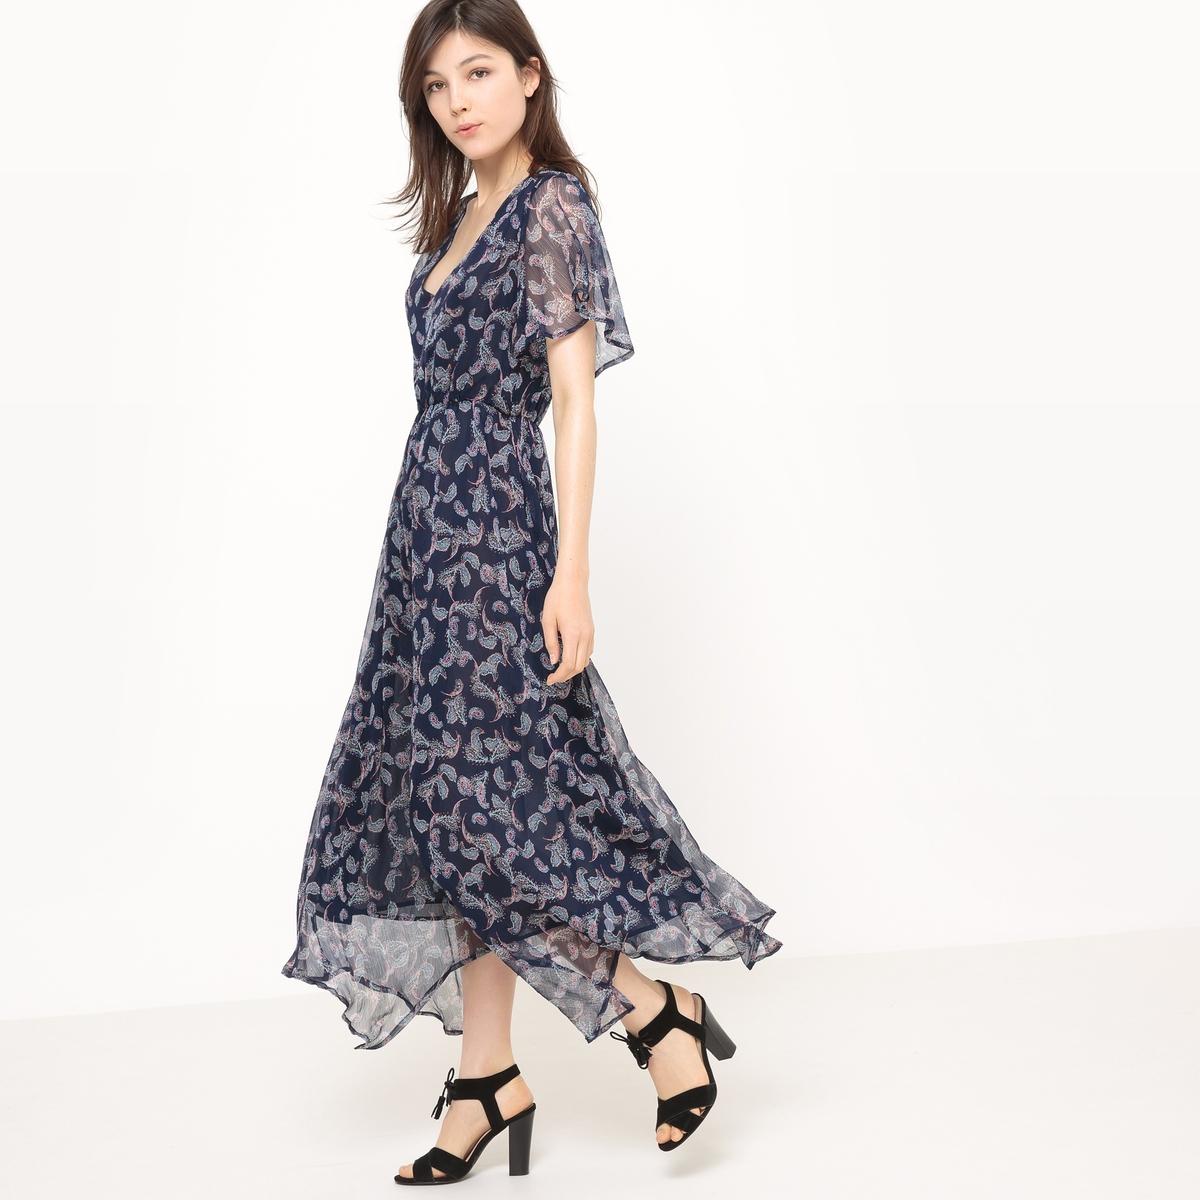 все цены на Платье длинное с рисунком из кашемира онлайн